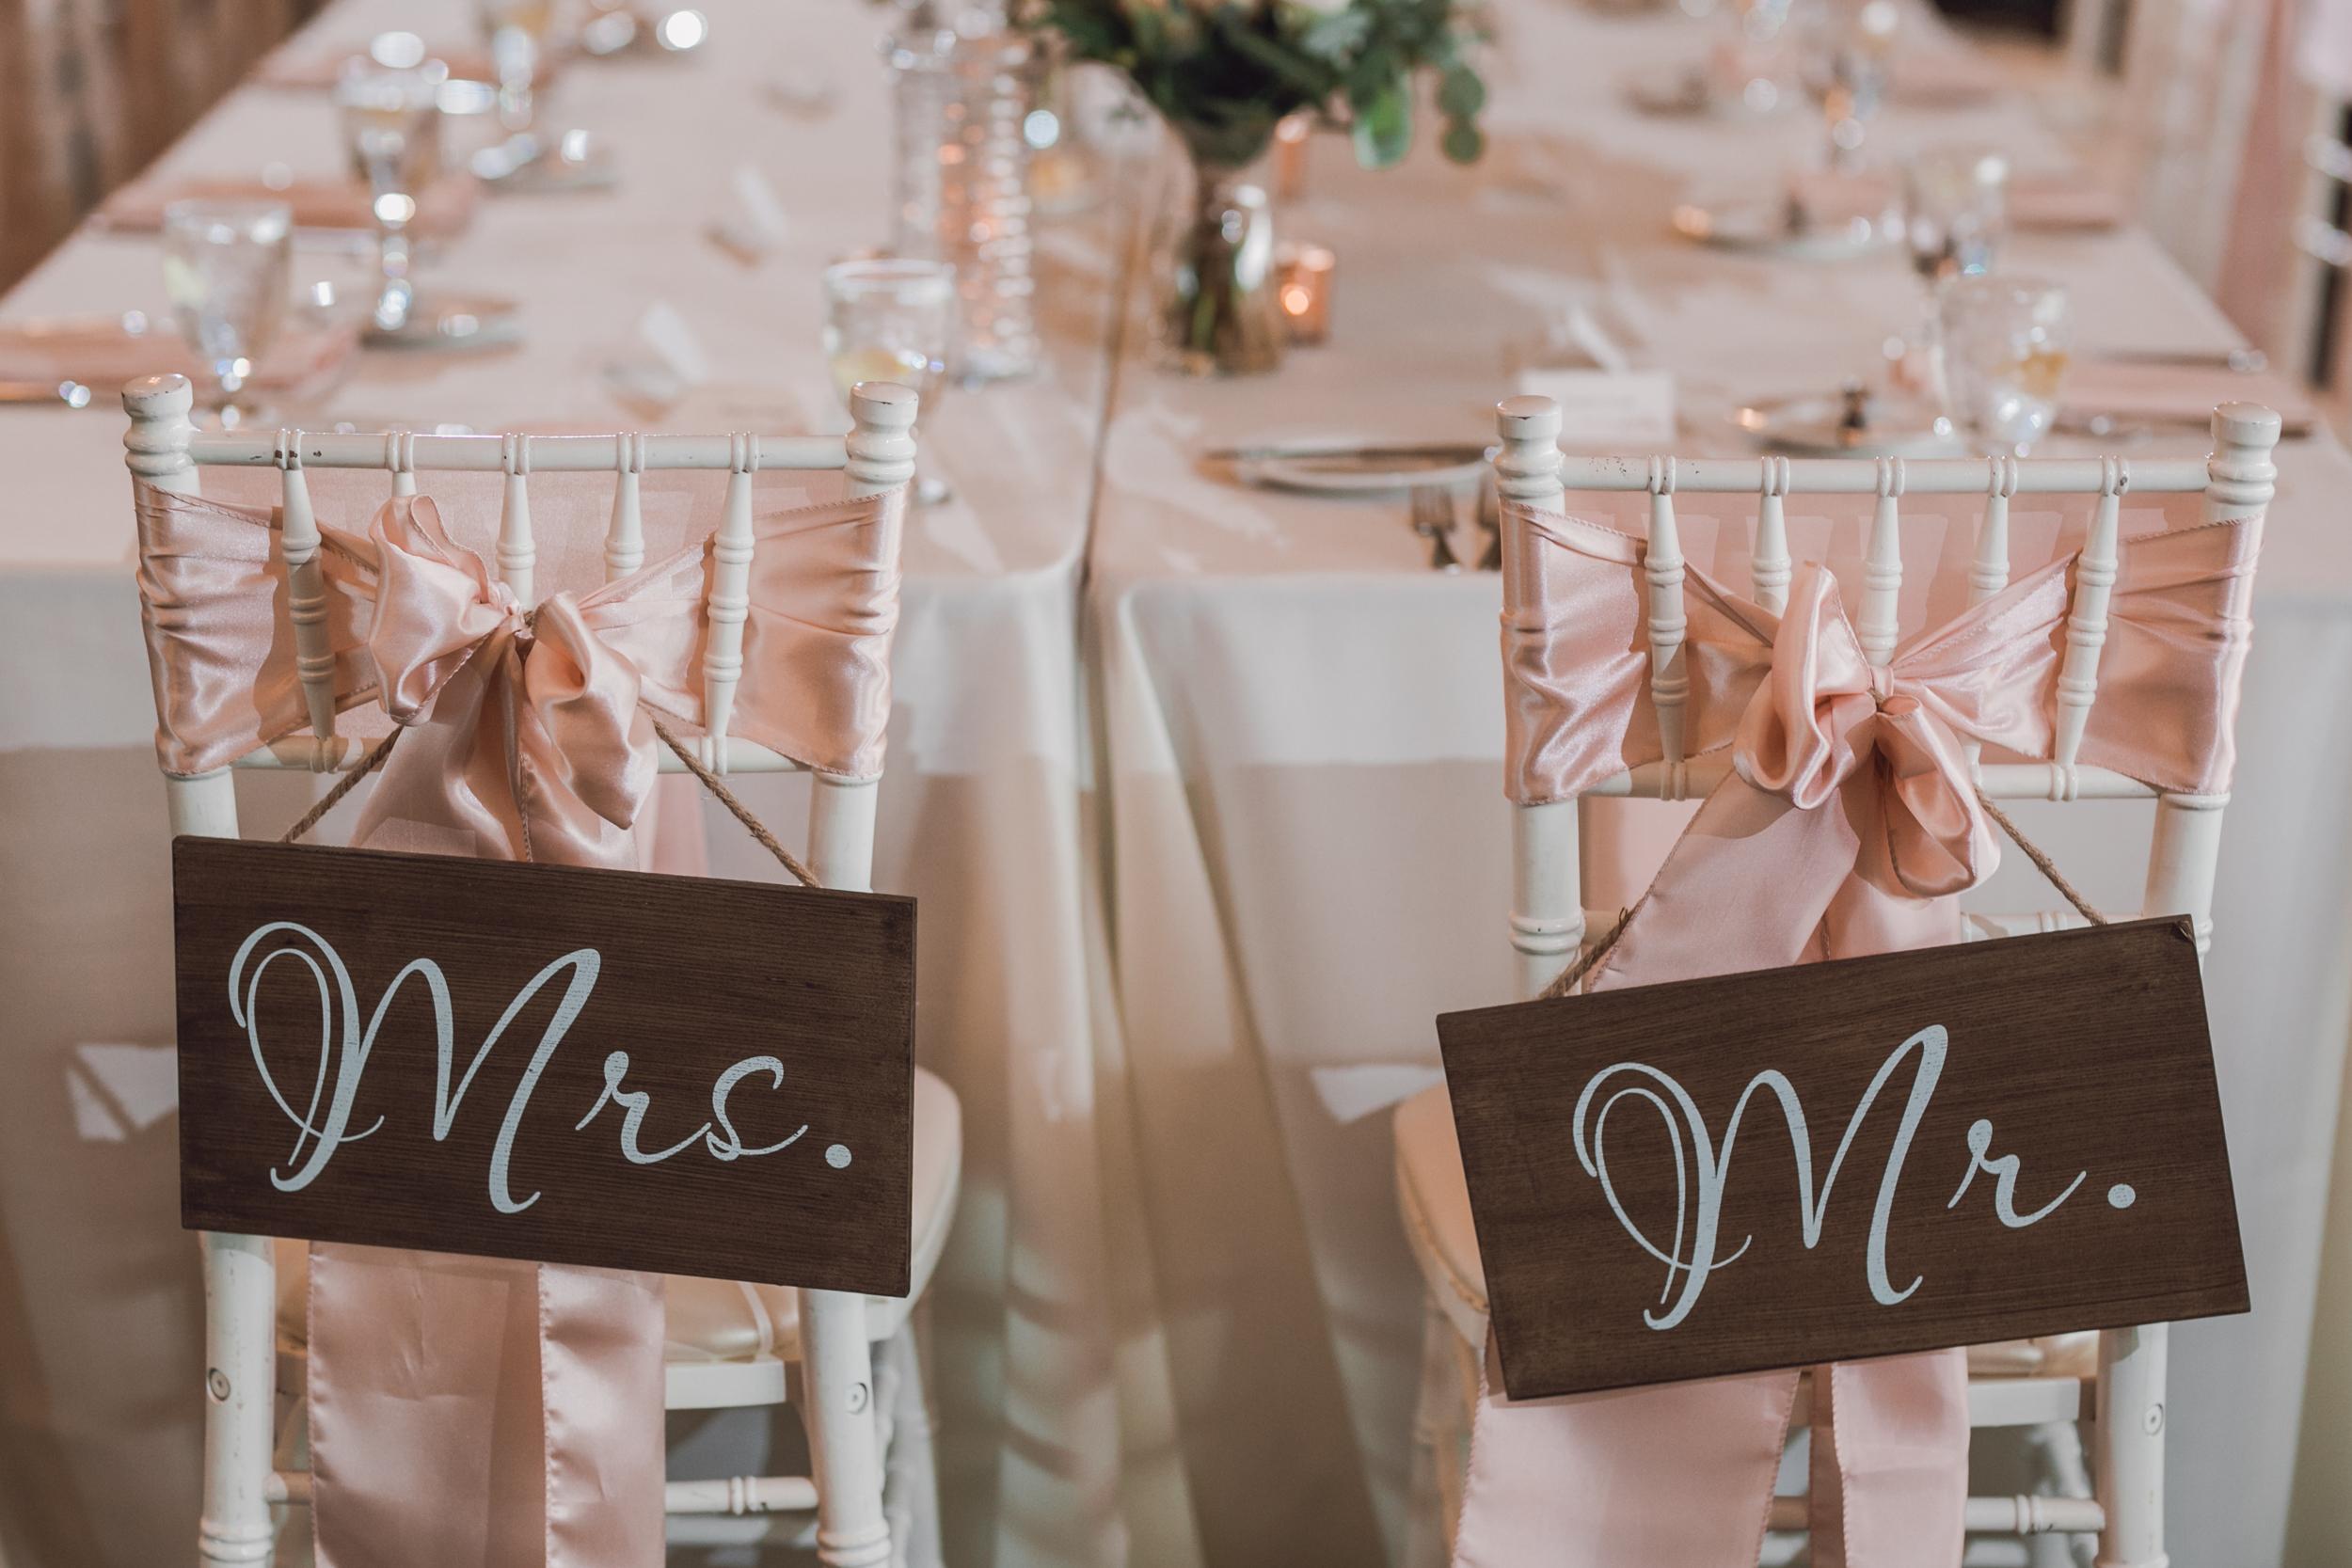 dellwood country club wedding*, Dellwood Country Club*, golf course wedding*, green golf course*, rose pink wedding details*-www.rachelsmak.com50.jpg